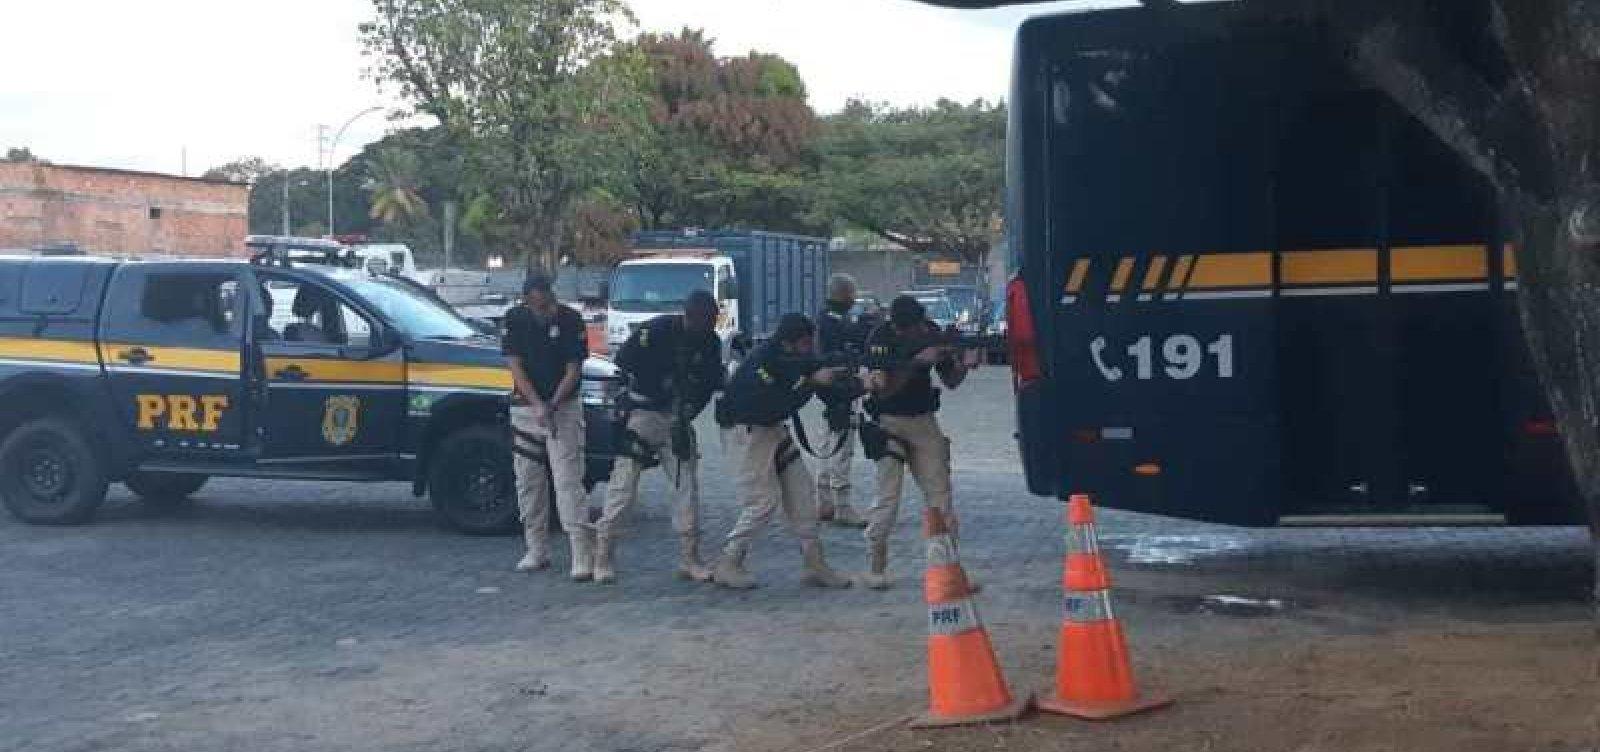 PRF realiza operação para combater crime organizado nas rodovias baianas